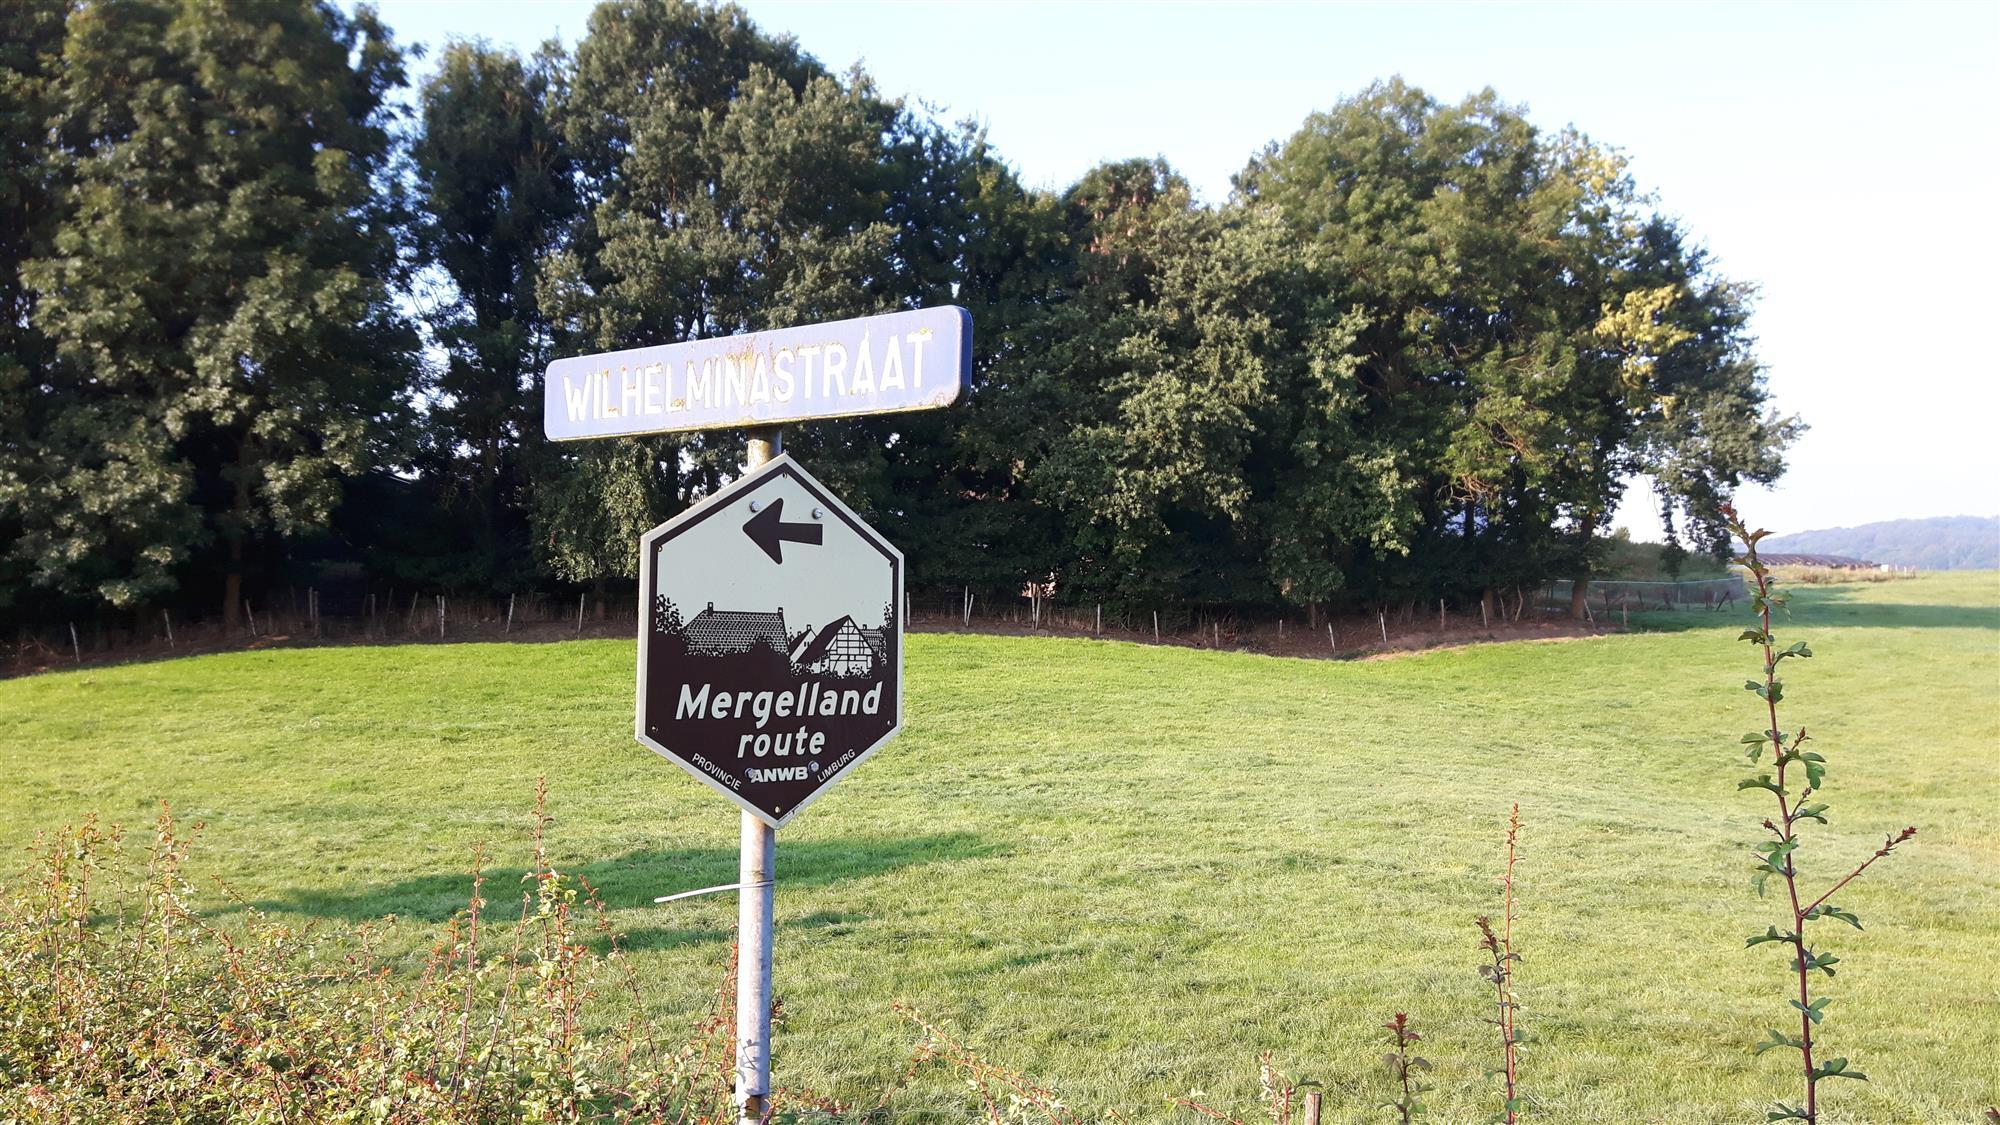 Autoroute - Mergellandroute Zuid-Limburg 112,2 km